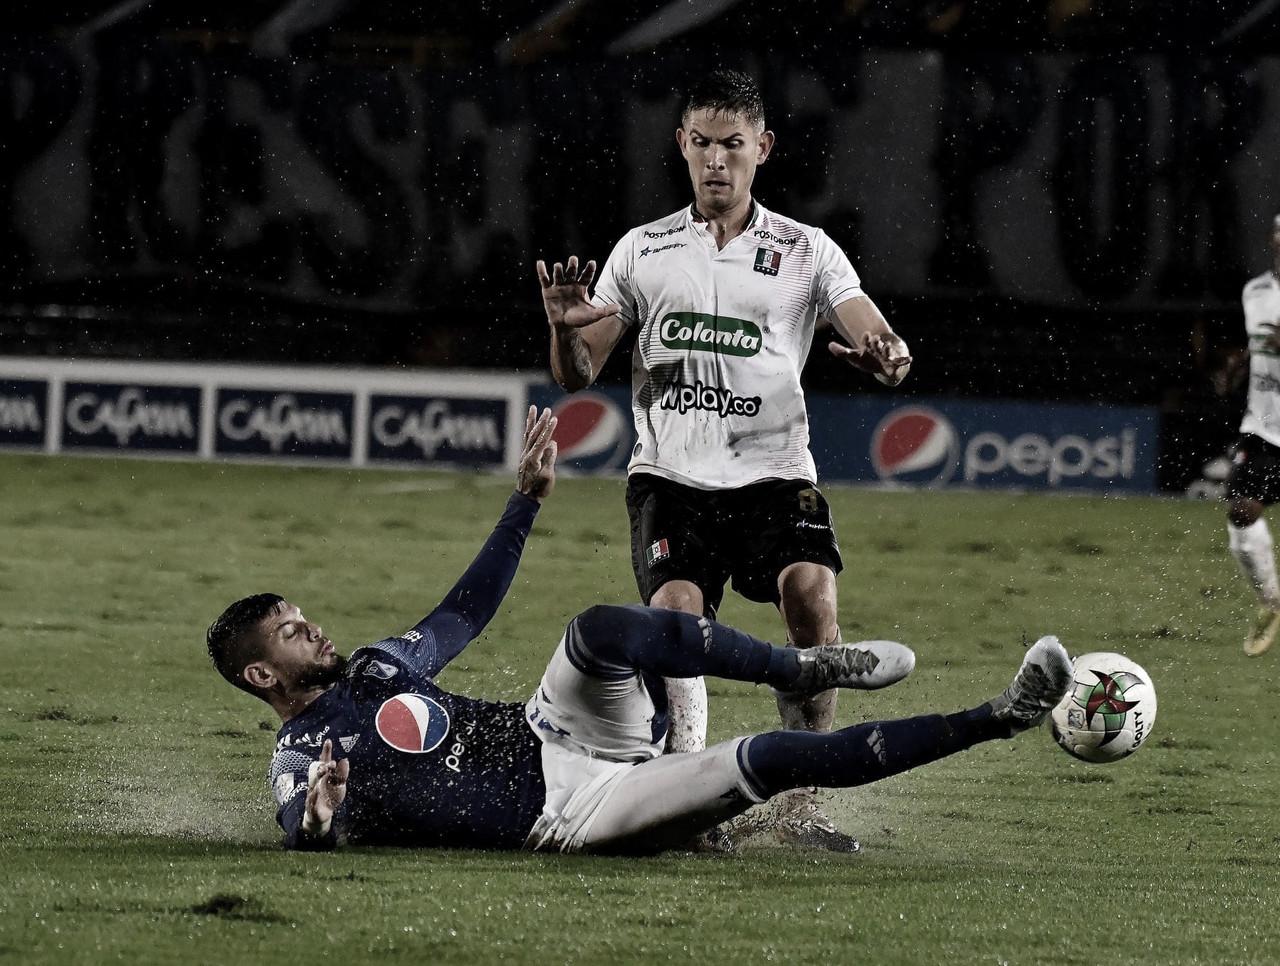 Puntuaciones de los jugadores del Once Caldas tras la derrota contra Millonarios